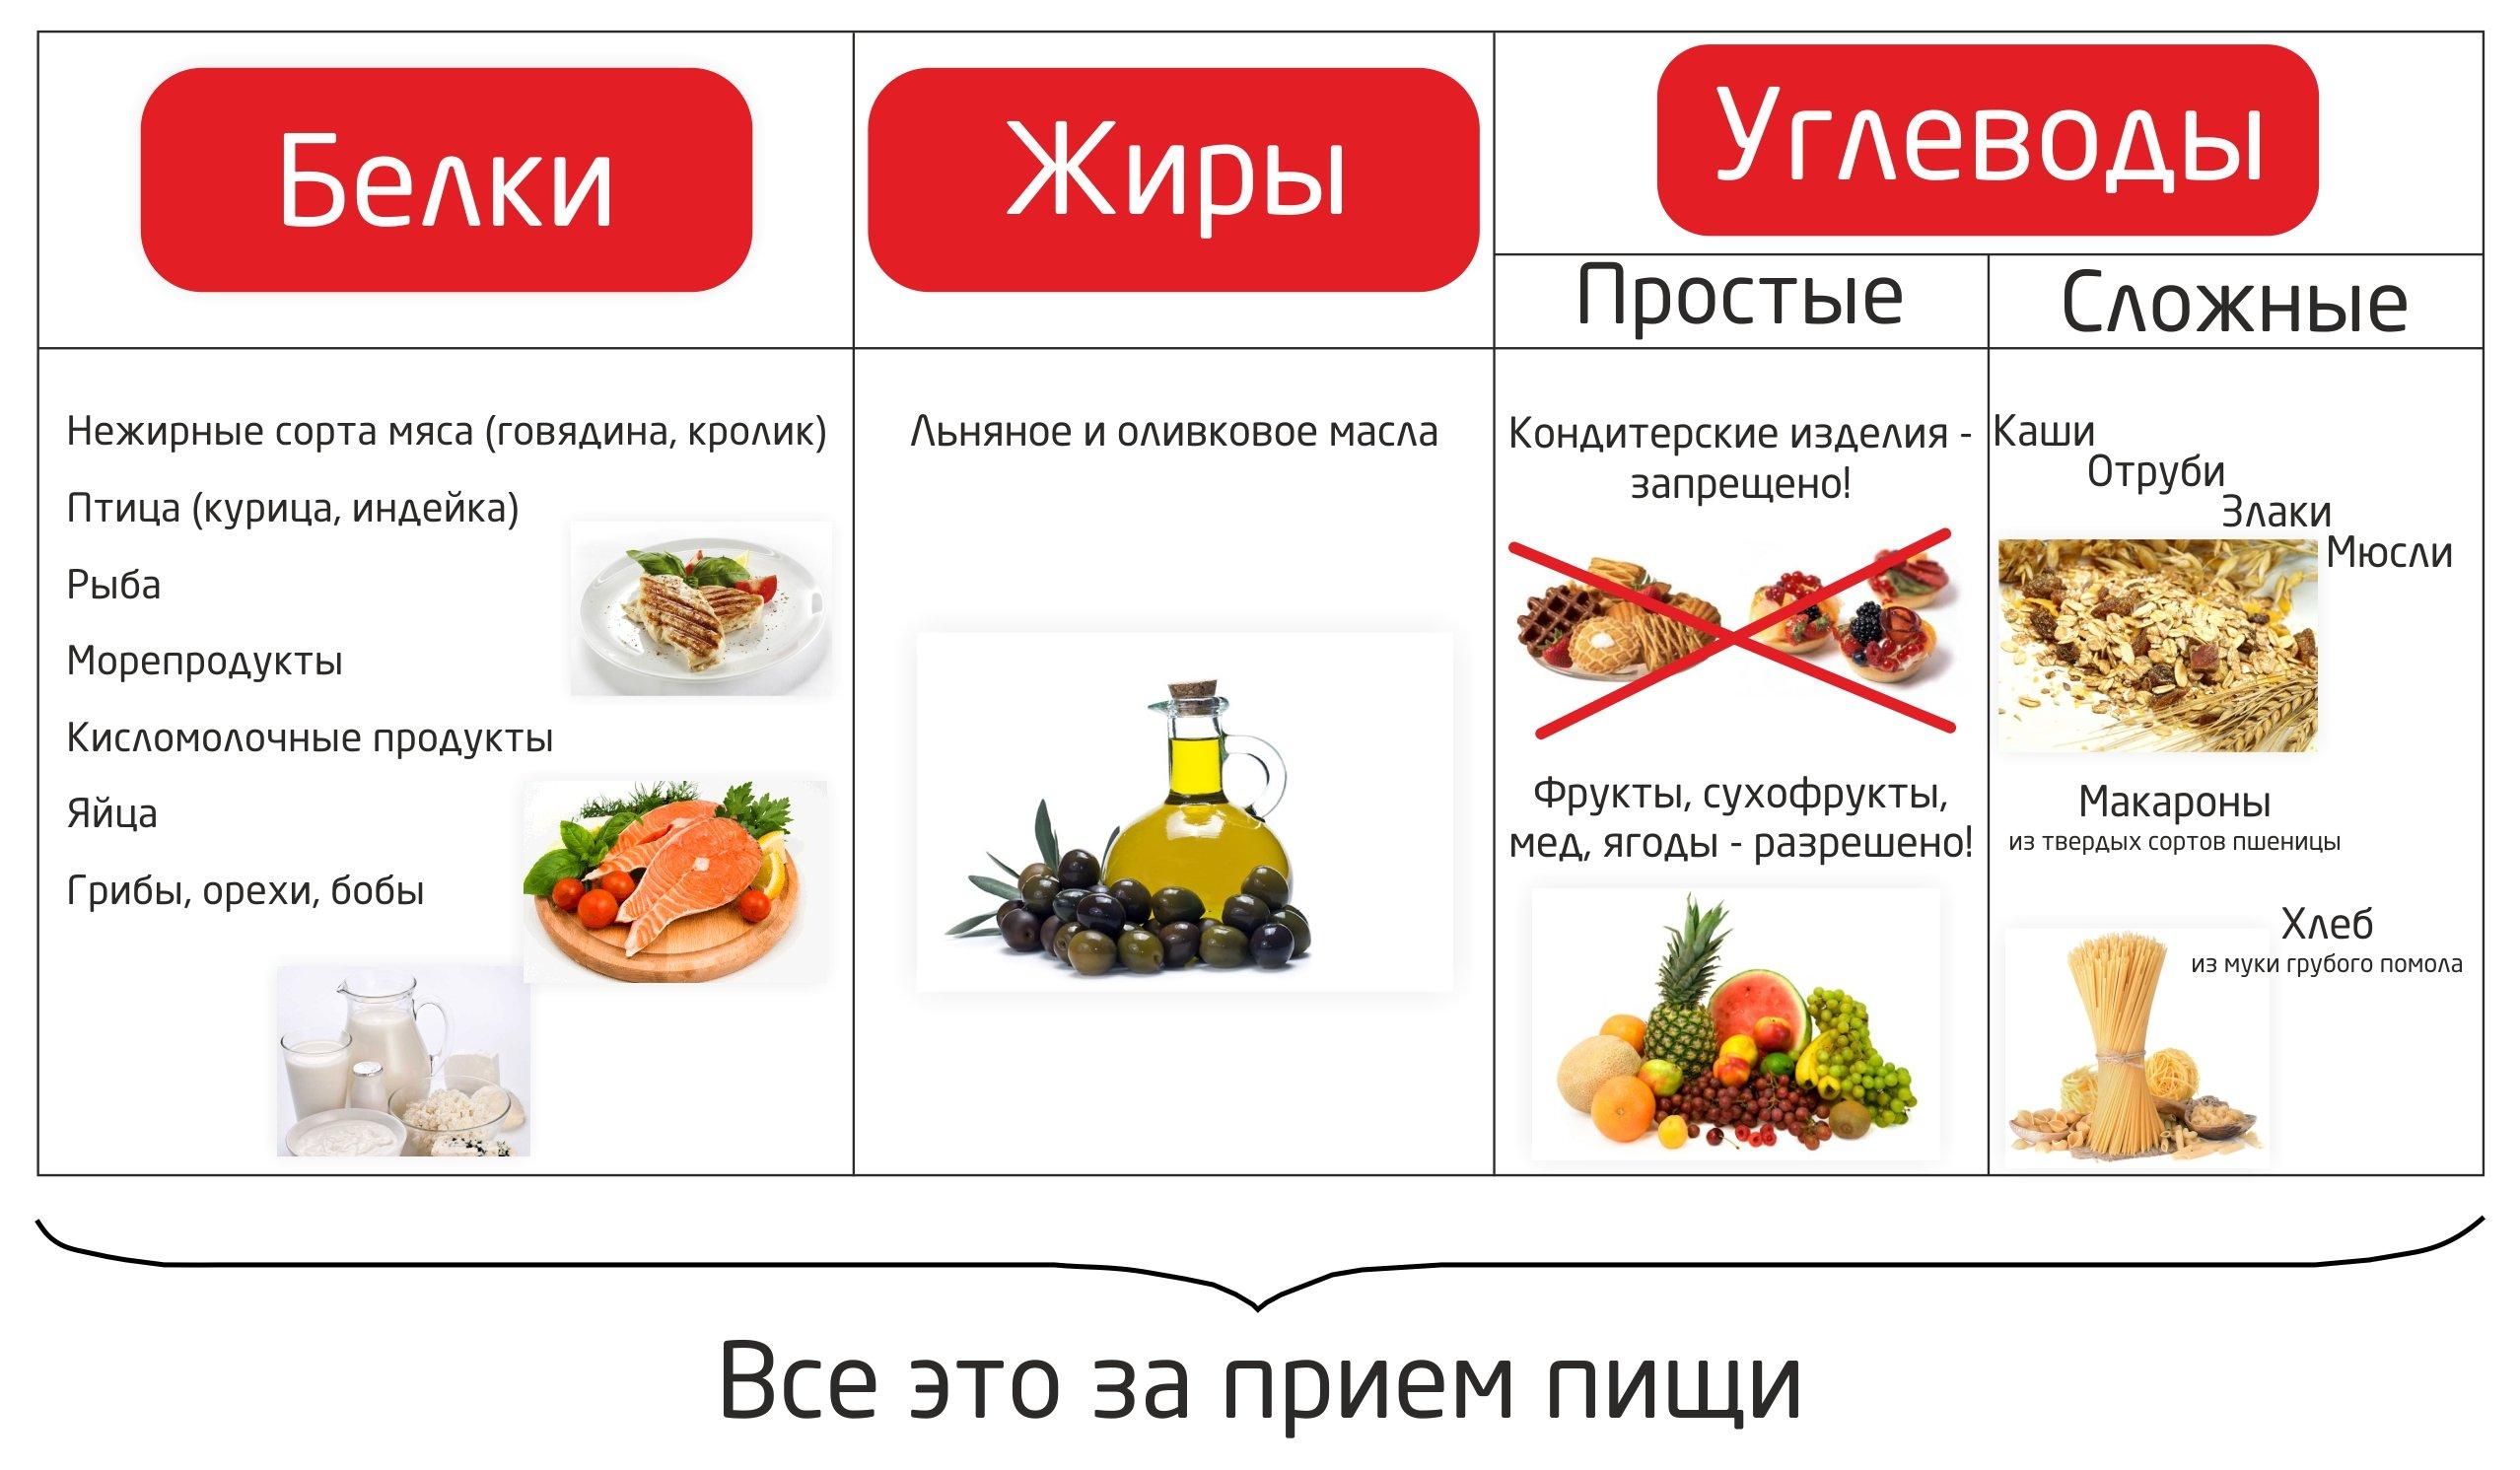 Какие Углеводы Нельзя Употреблять При Диете. Полезная таблица продуктов для тех, кто на диете — простые и сложные углеводы для похудения